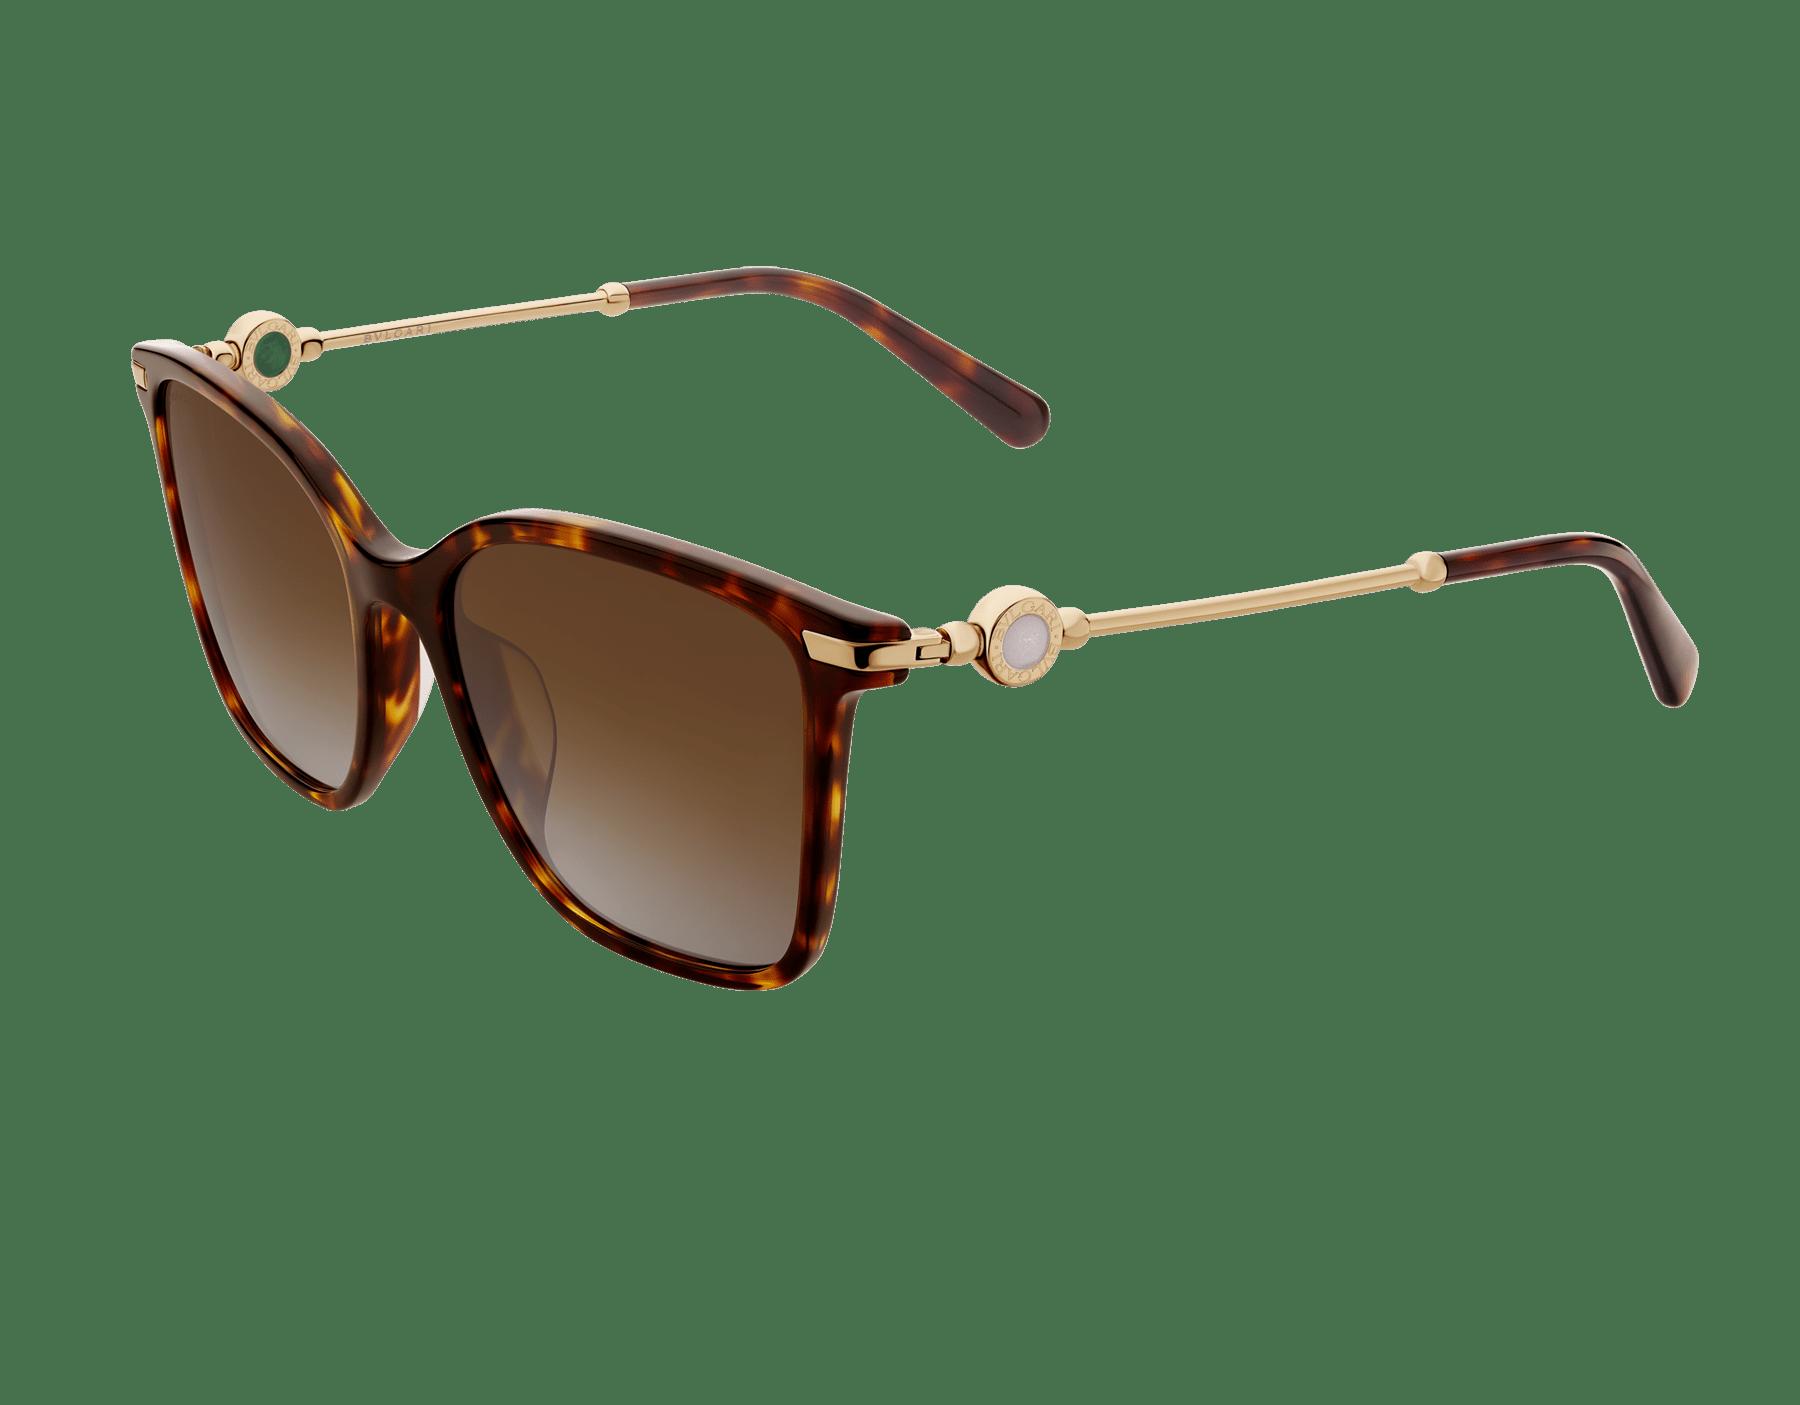 Quadratische BVLGARI BVLGARI Sonnenbrille aus Acetat mit Metallverzierung. 903824 image 1